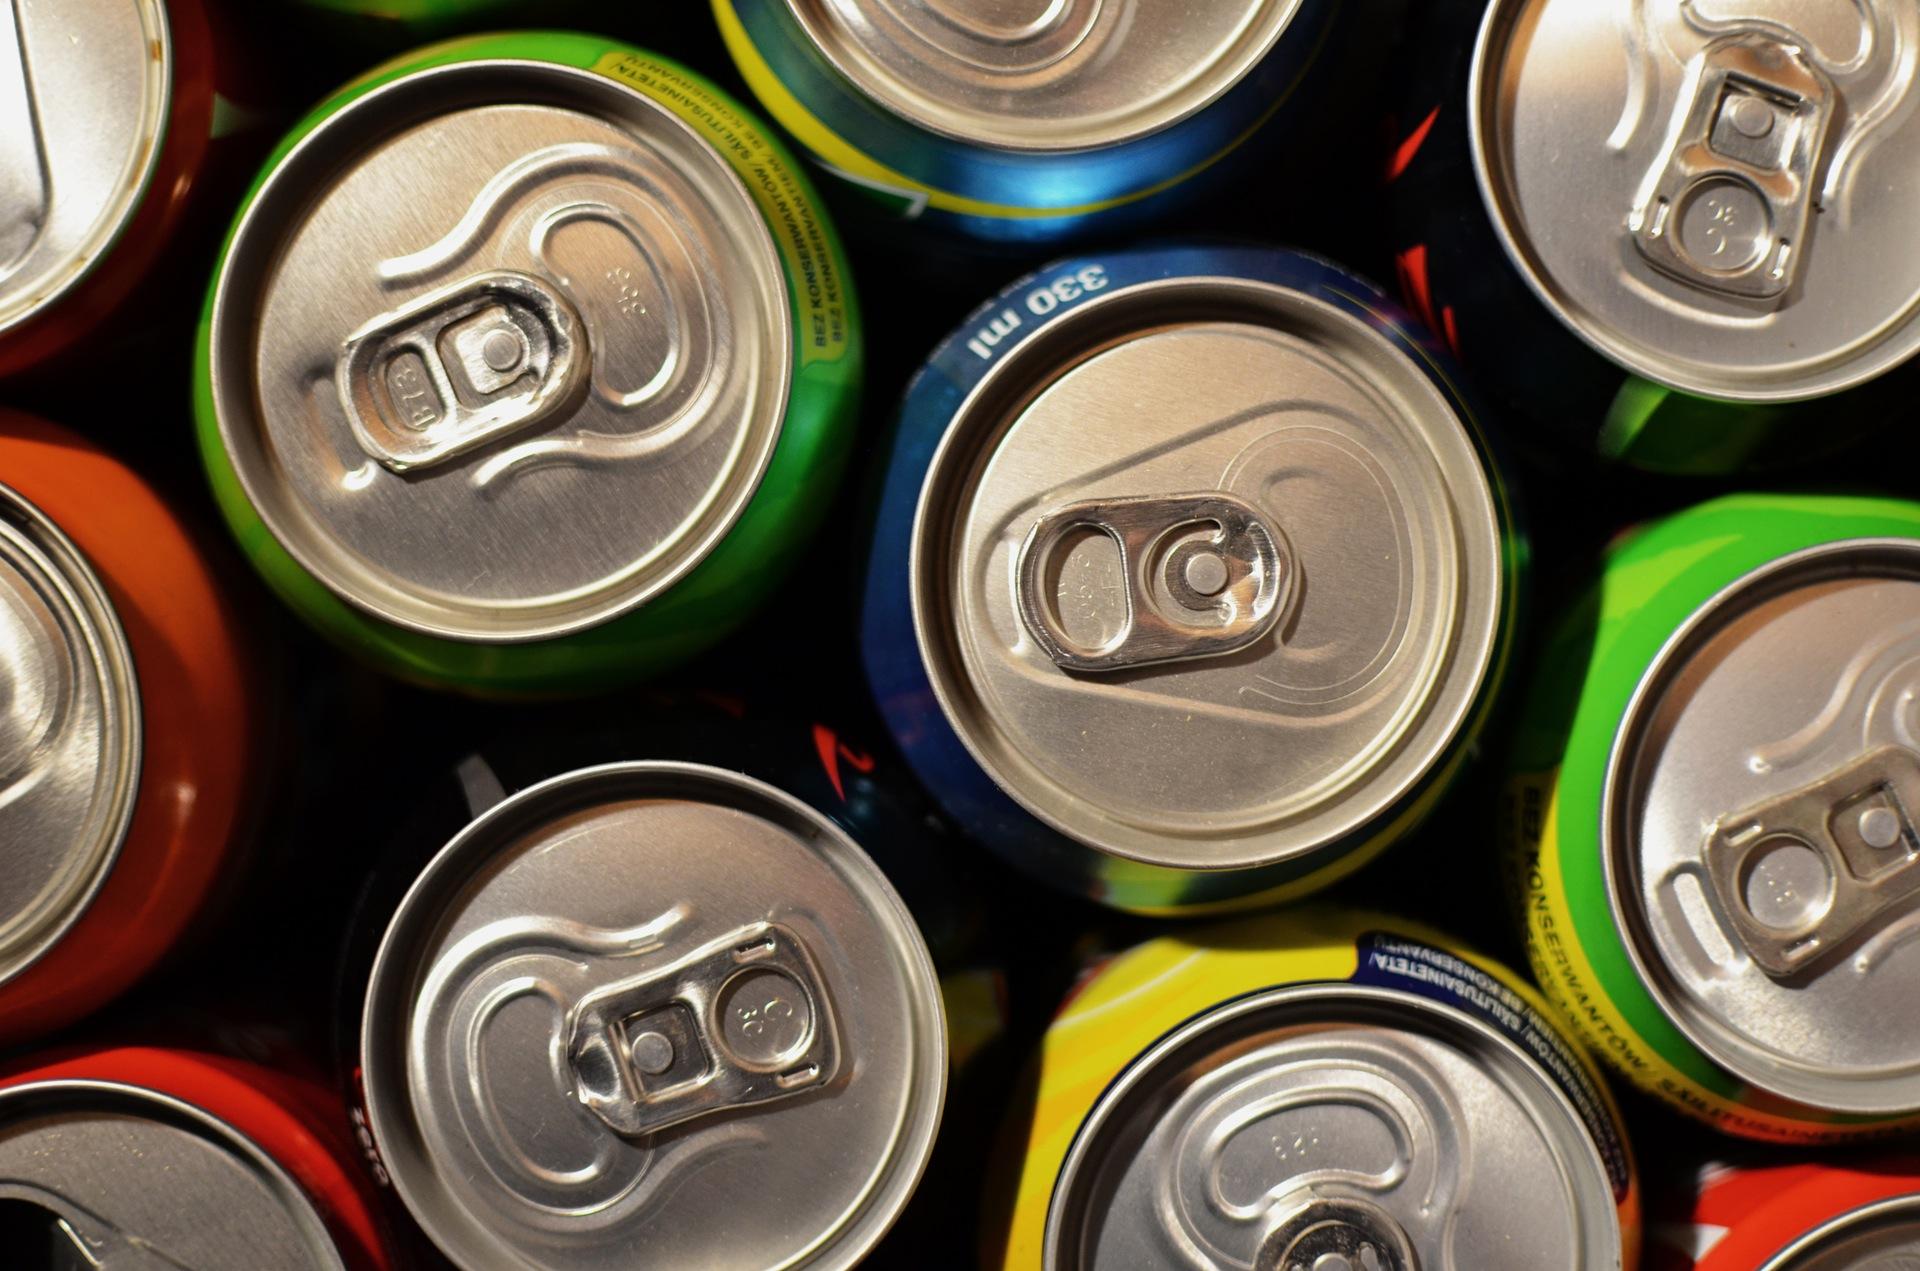 latas, refrescos, bebidas, anillas, colores, supermercado, tienda - Fondos de Pantalla HD - professor-falken.com